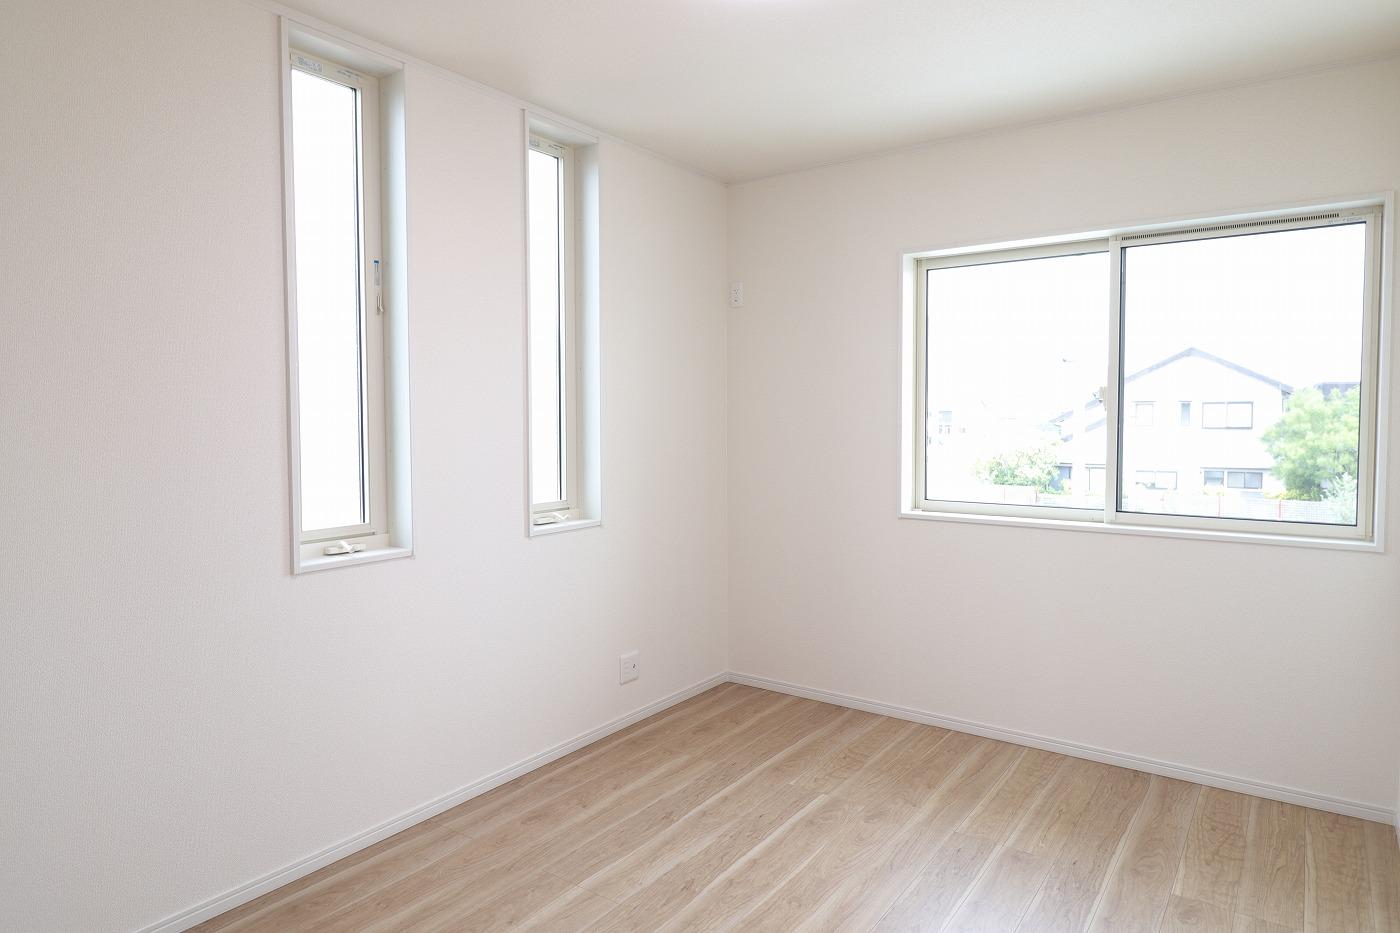 高松市六条町の新築分譲住宅の子ども部屋